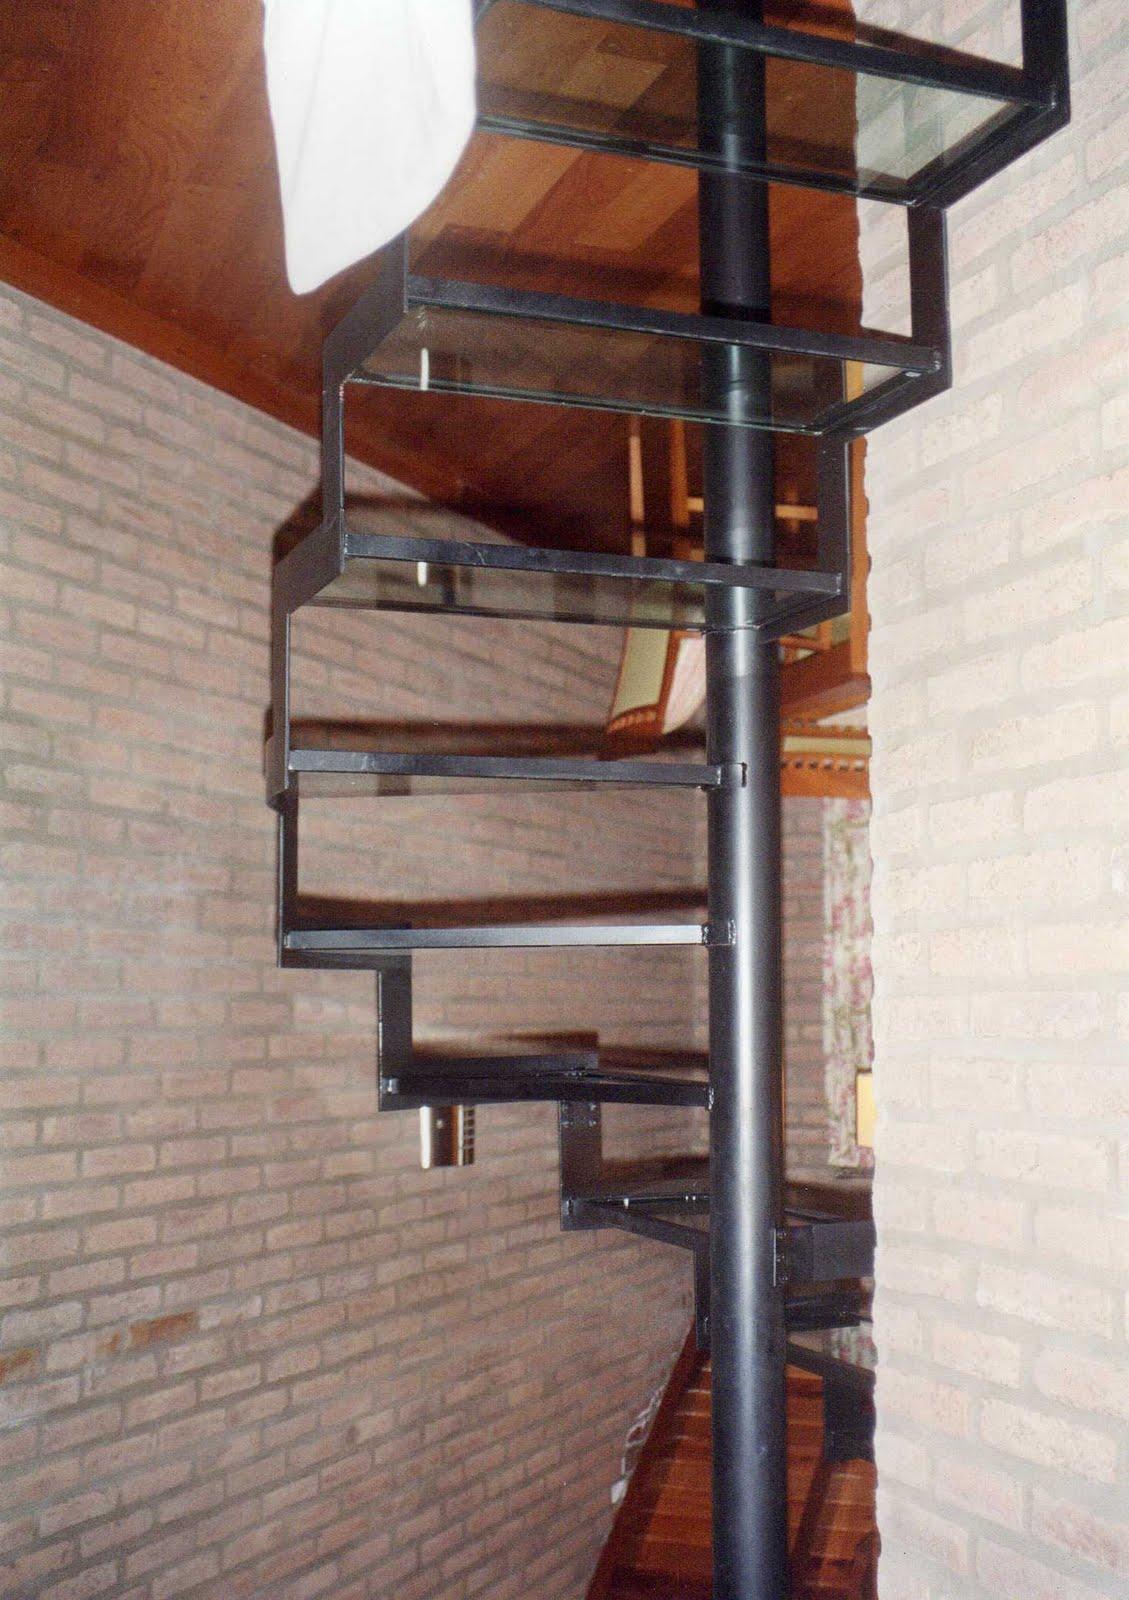 Fabrica de escaleras de hierro forjado ceroli escaleras for Fabrica de escaleras de madera